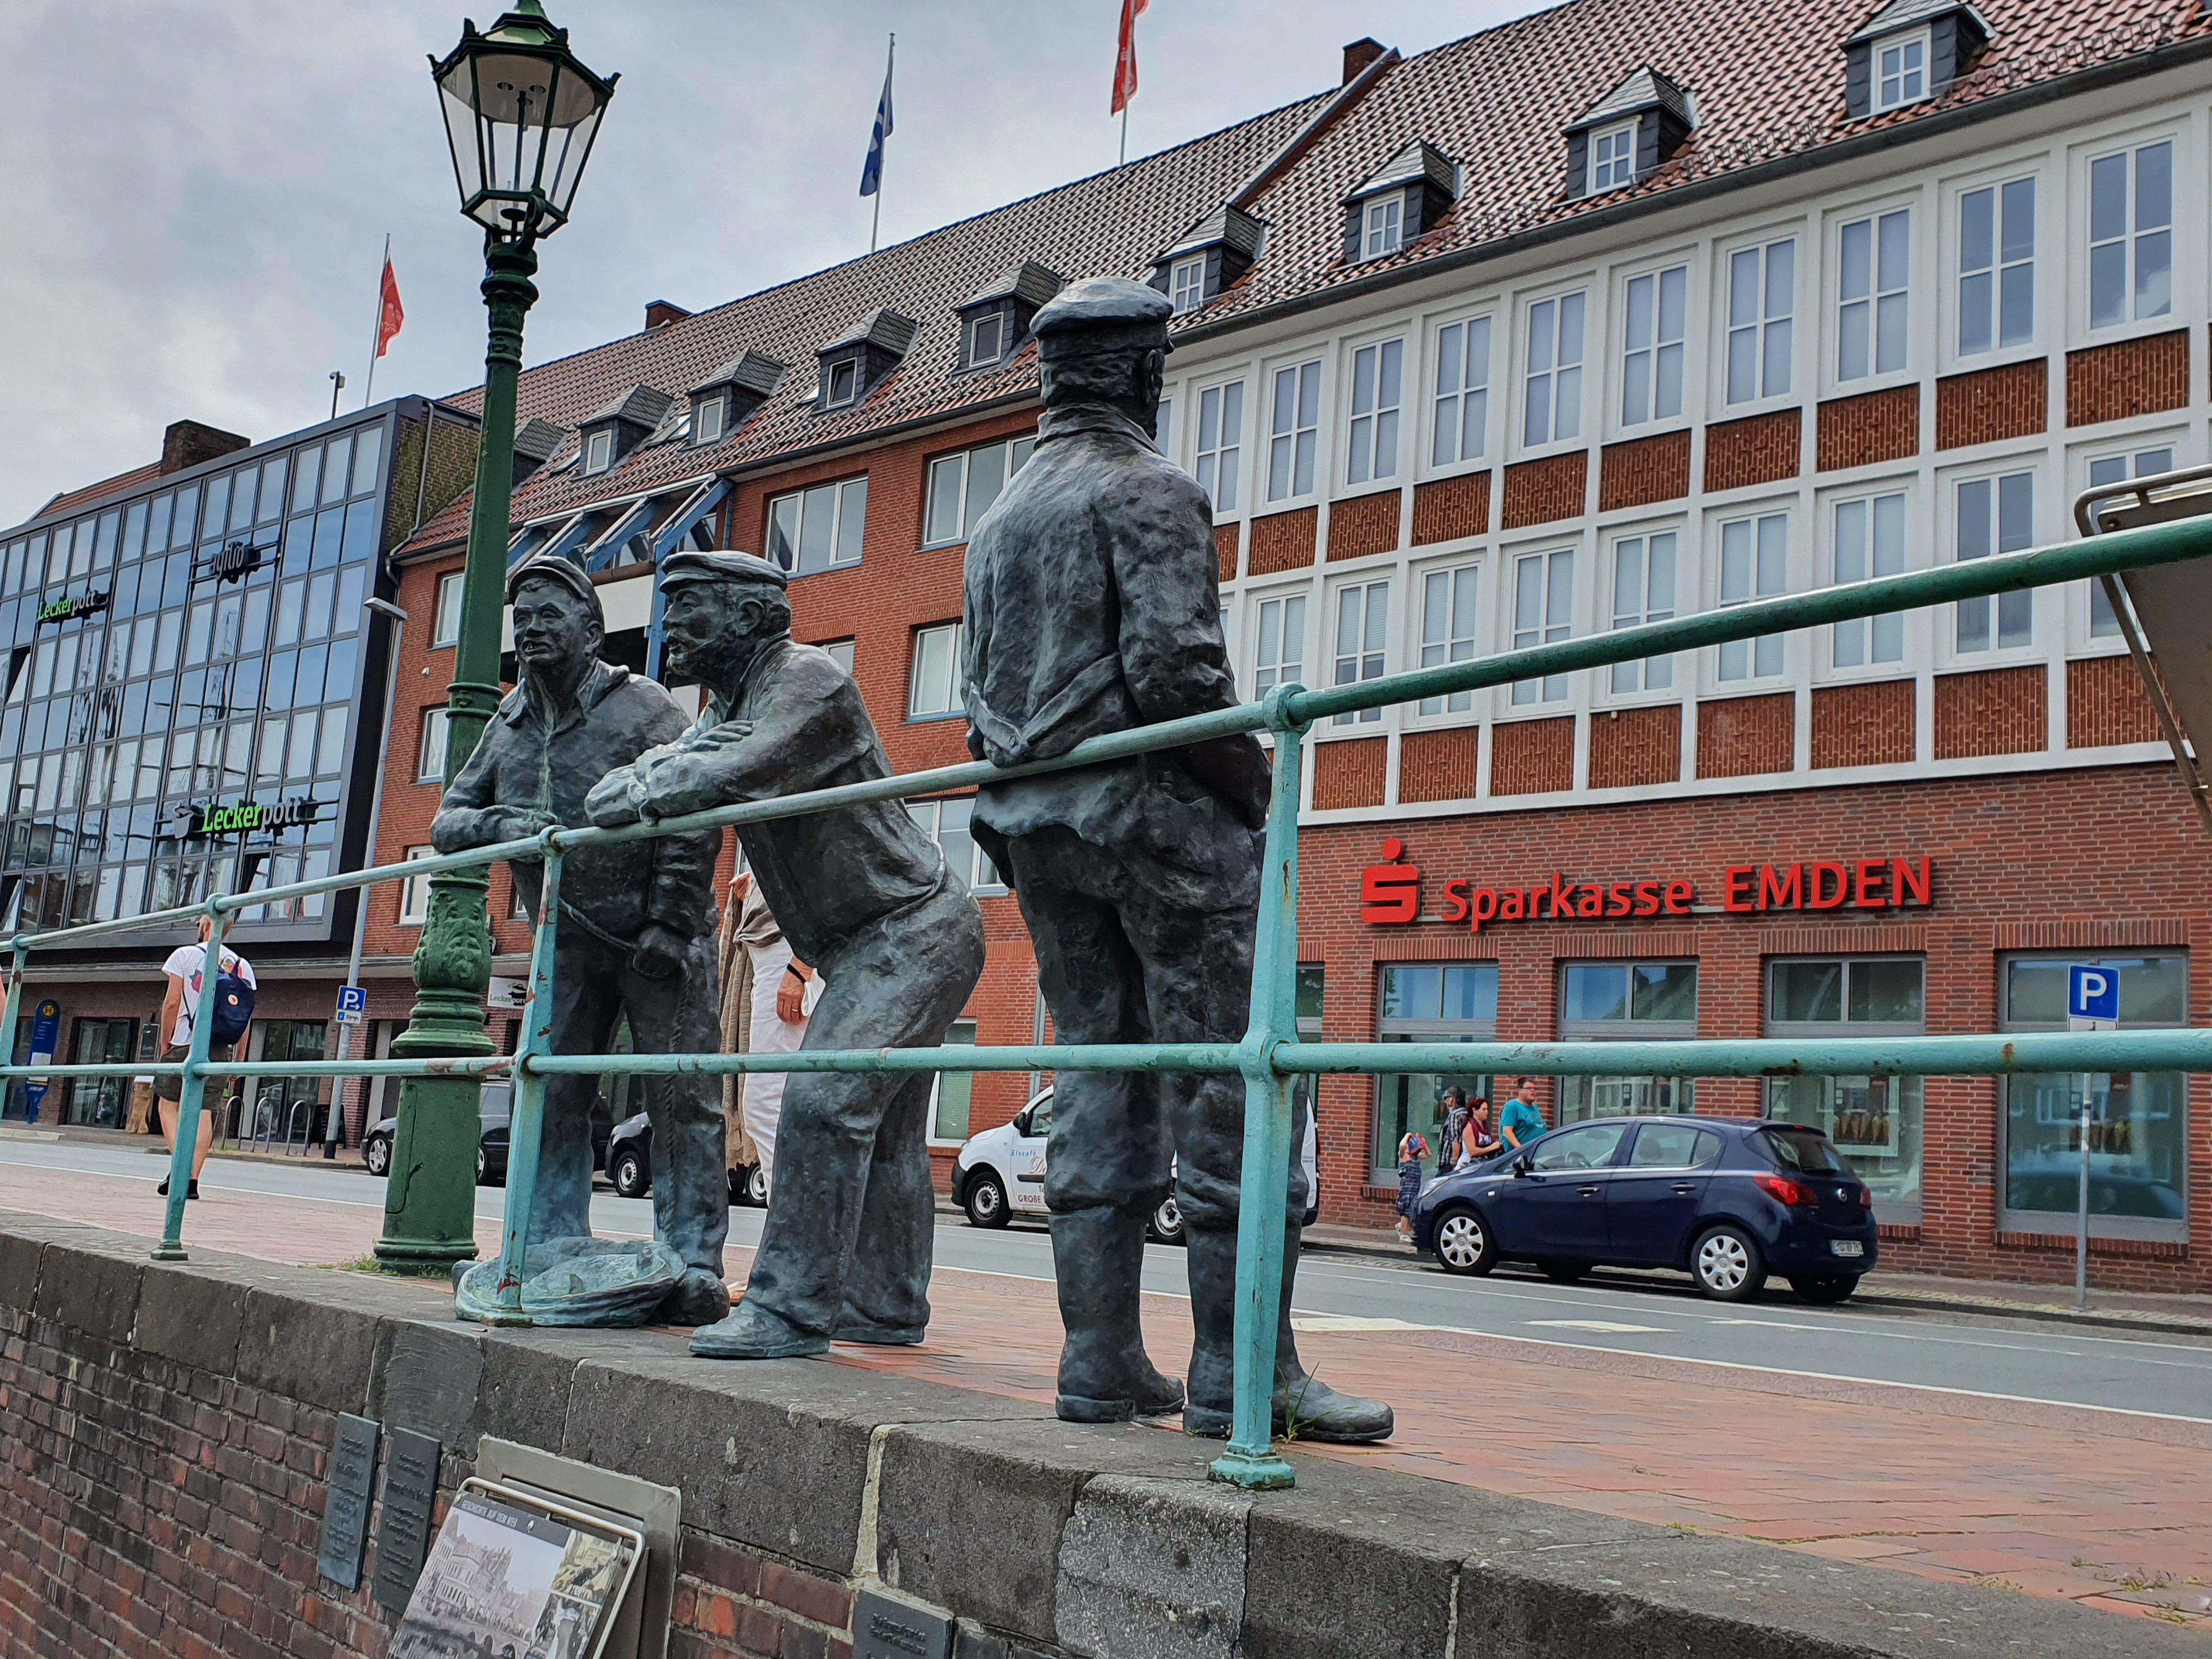 Delftspucker Emden